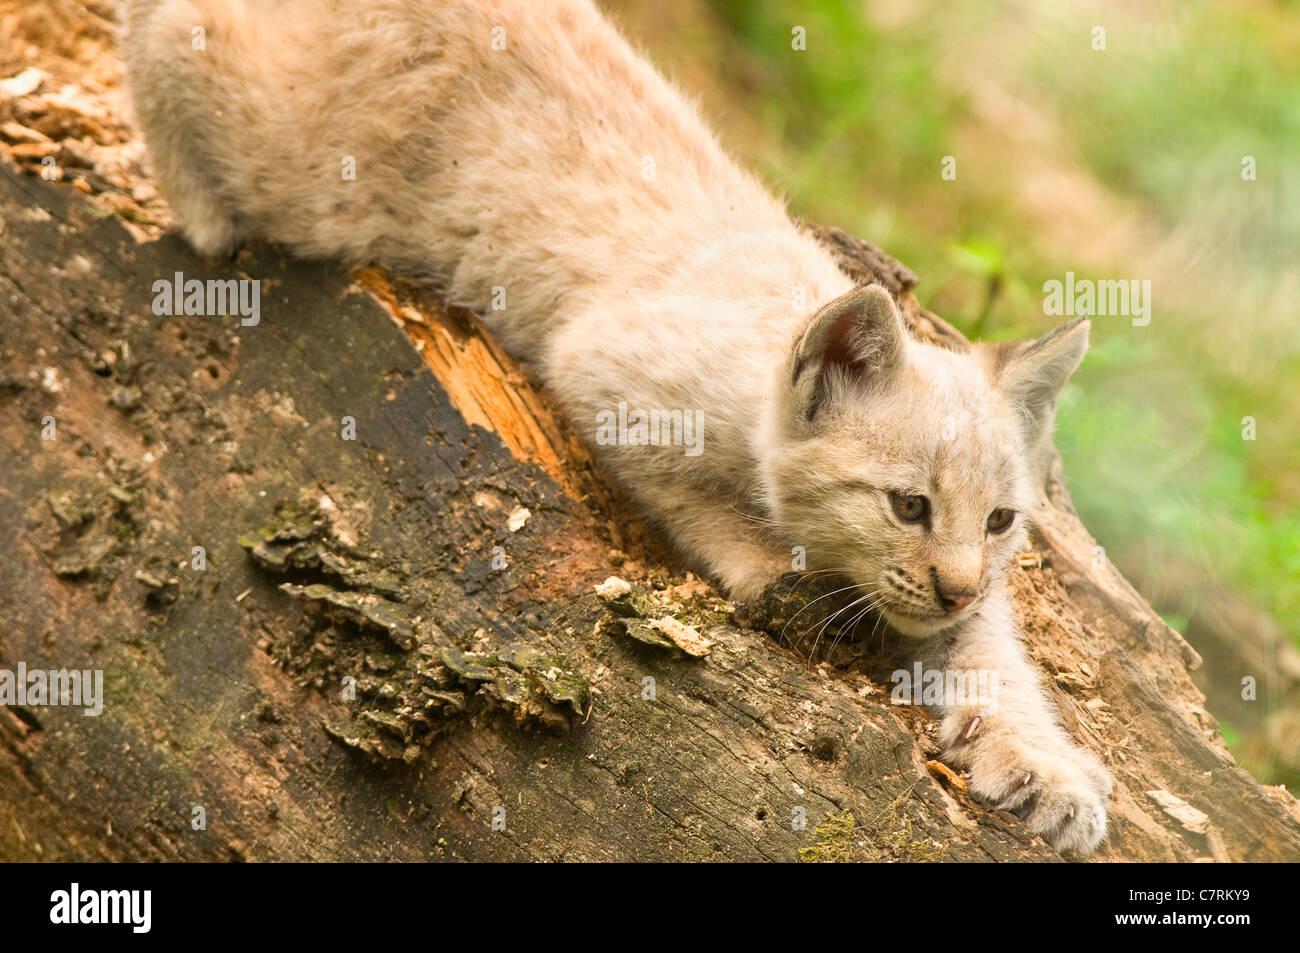 Kerkrade Niederlande eurasischer luchs lynx lynx junge weiße kätzchen hocken sommer